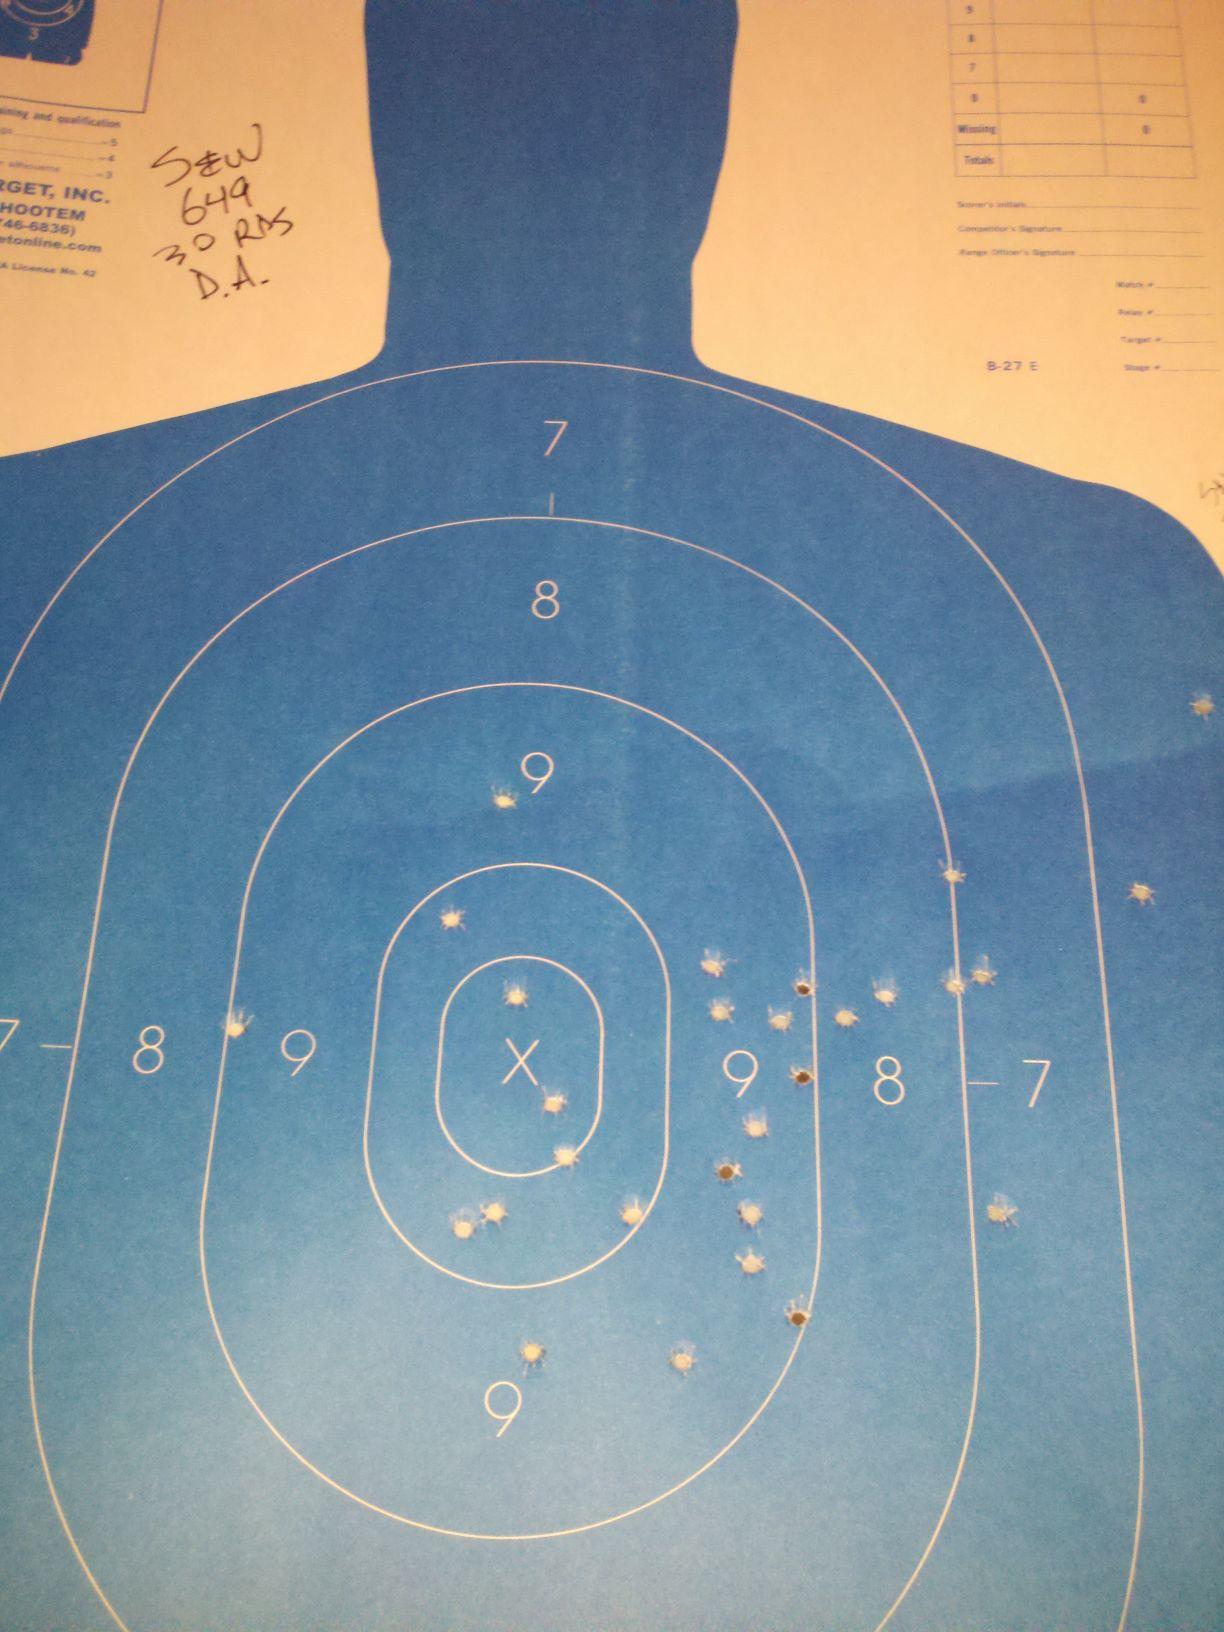 New 649 Range review! Yeah...it was fun!!!-649-30da.jpg